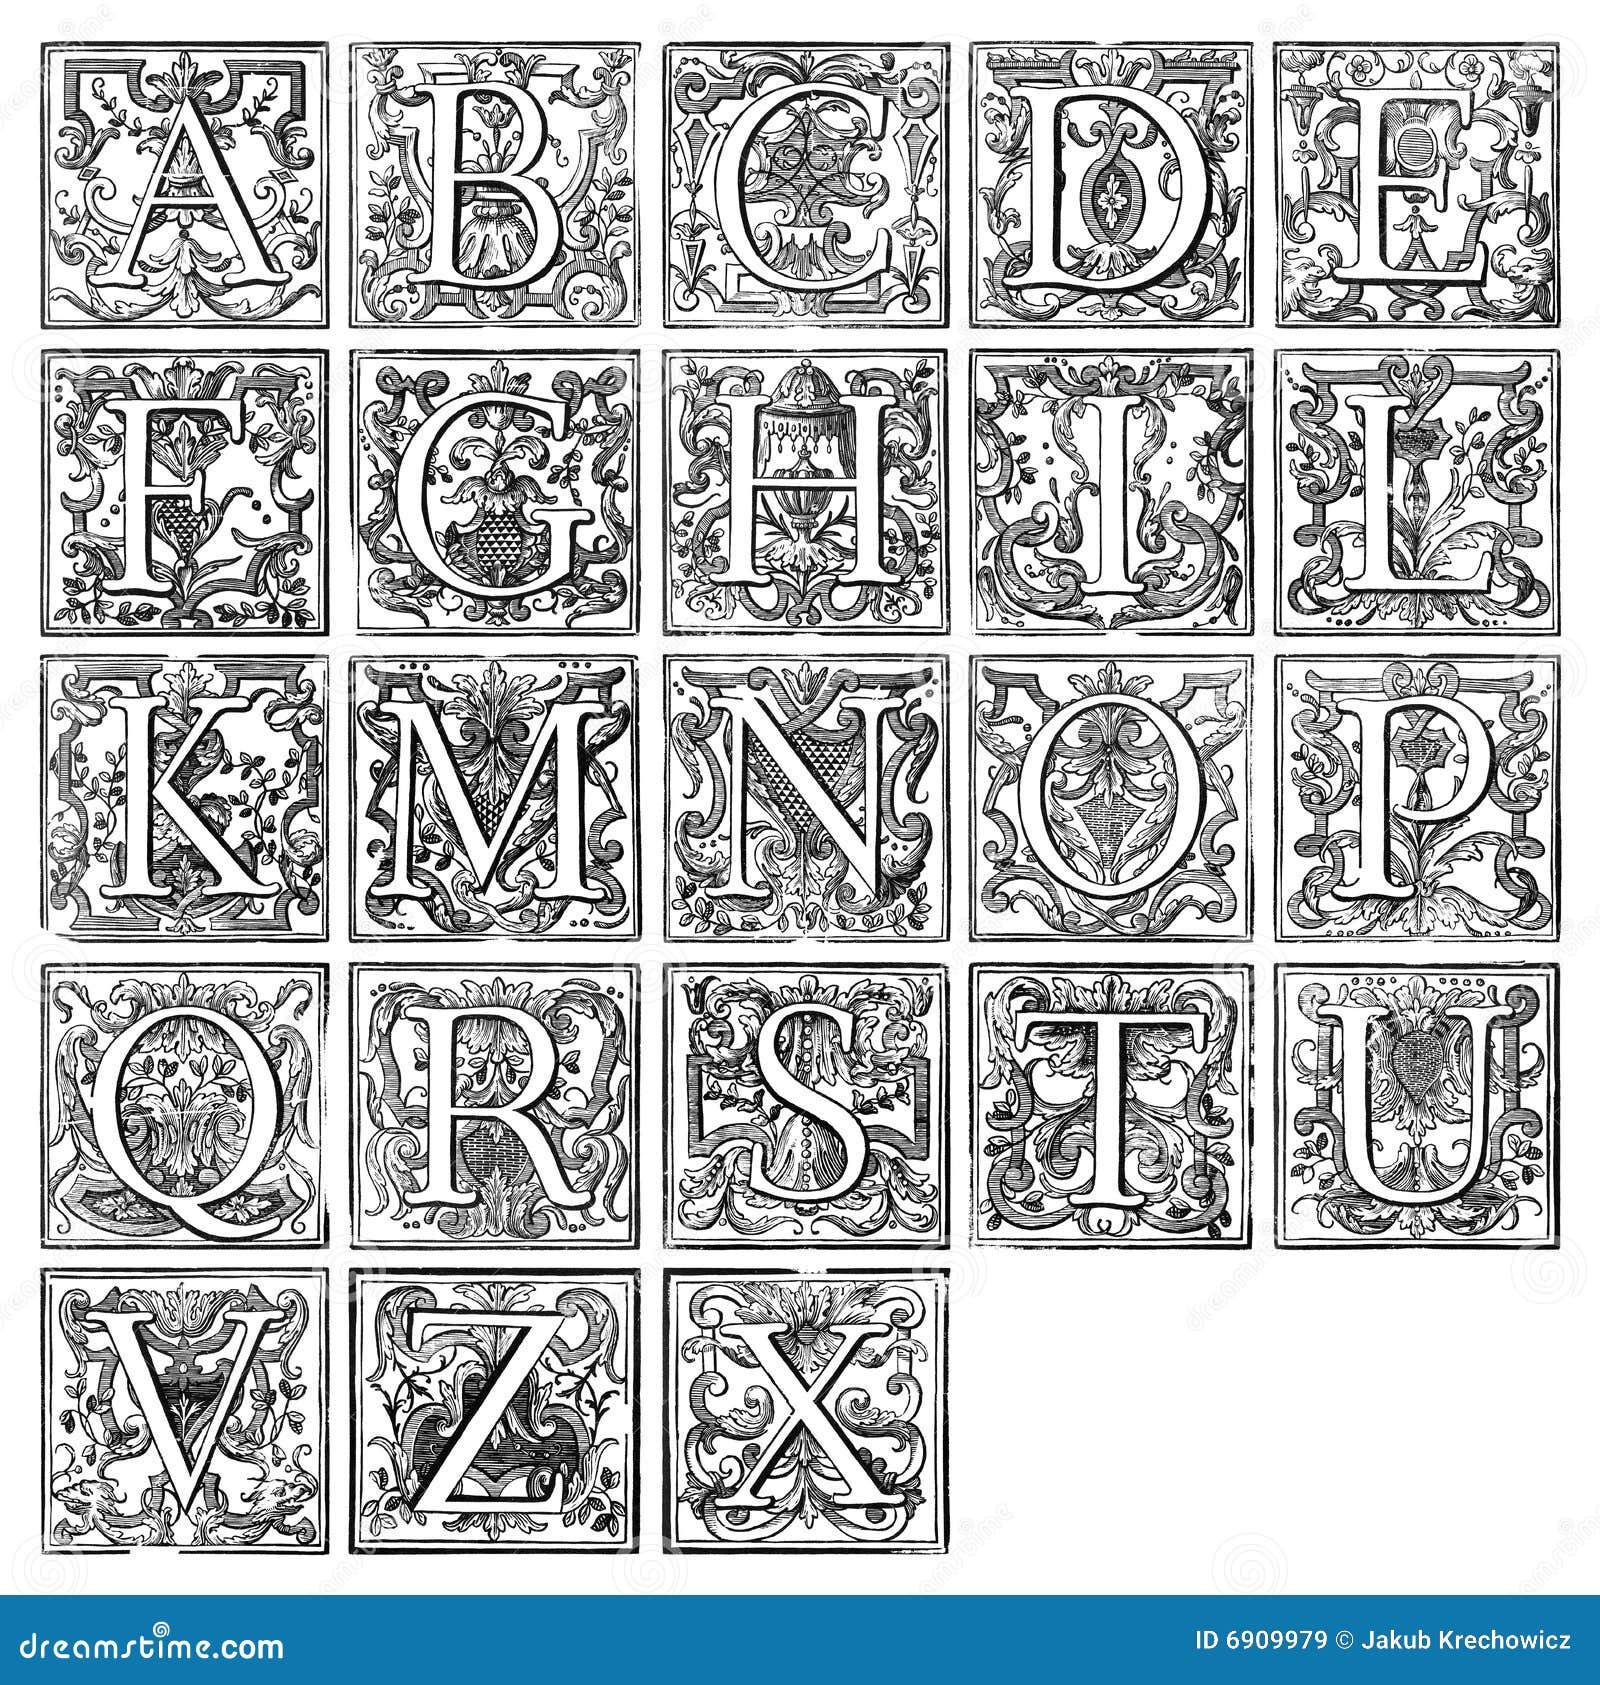 Alfabeto do século XVI